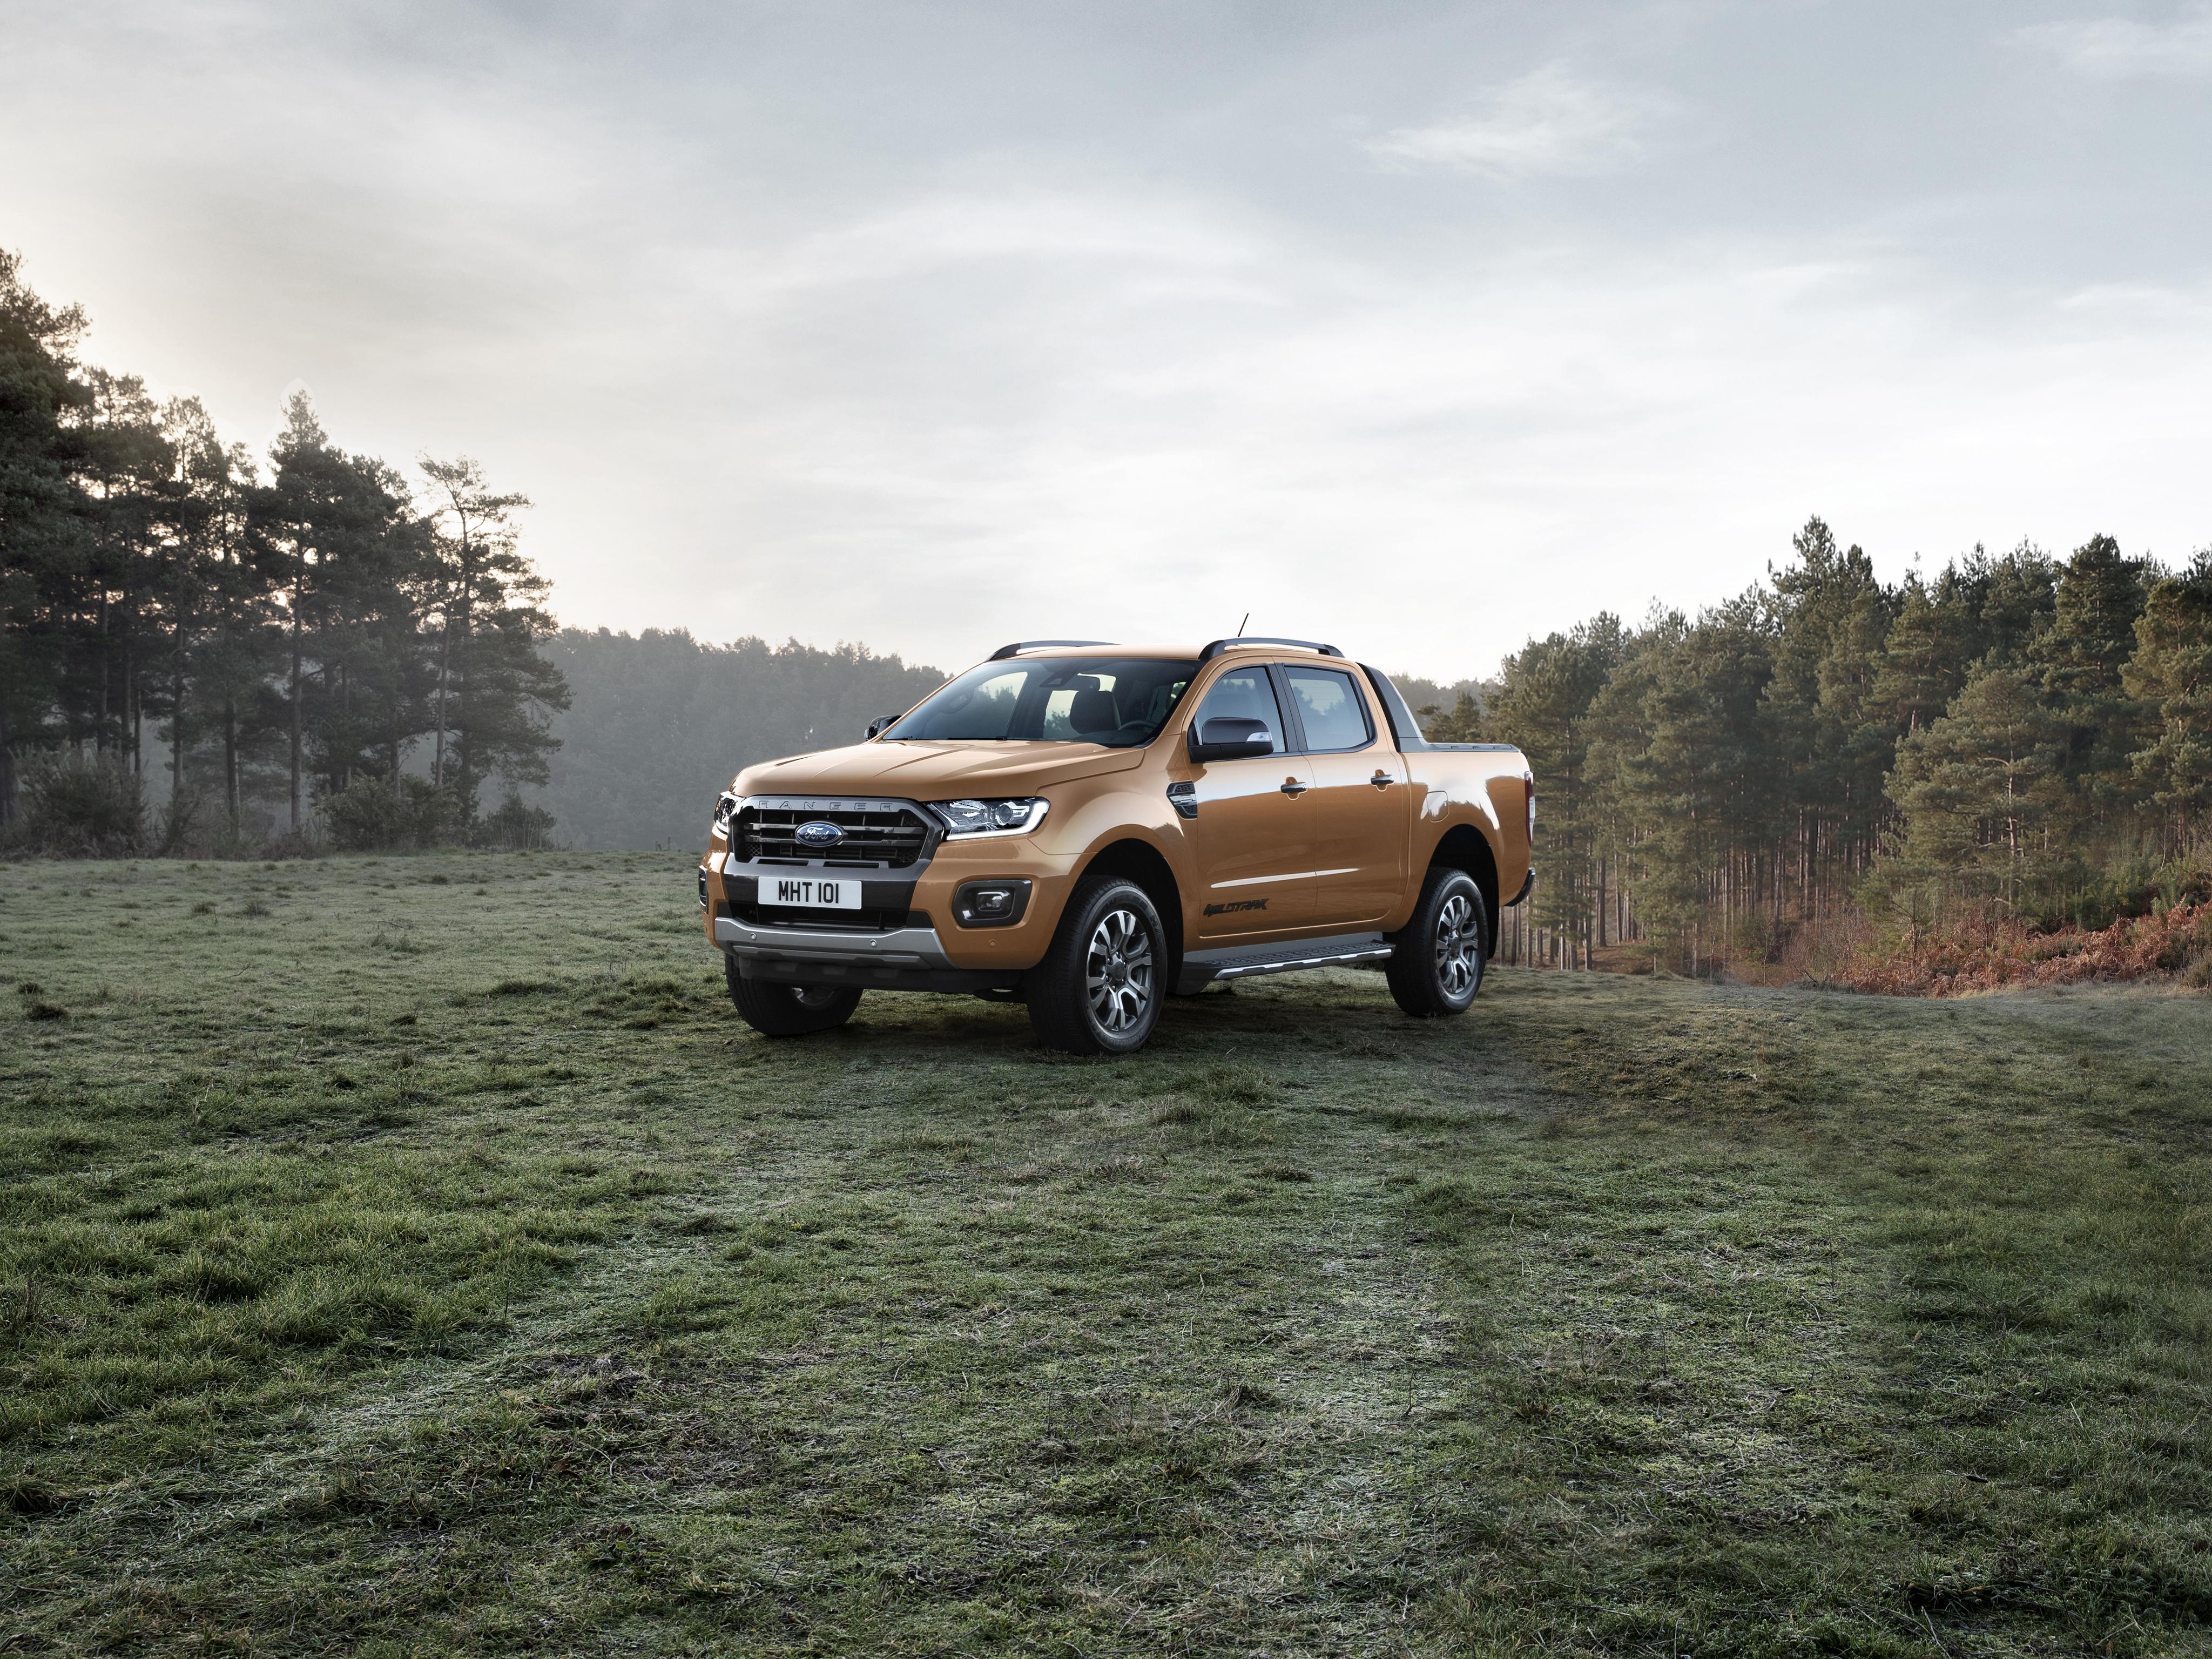 Обои для рабочего стола Форд 2019 Ranger Wildtrak Пикап кузов Металлик Автомобили Ford авто машина машины автомобиль